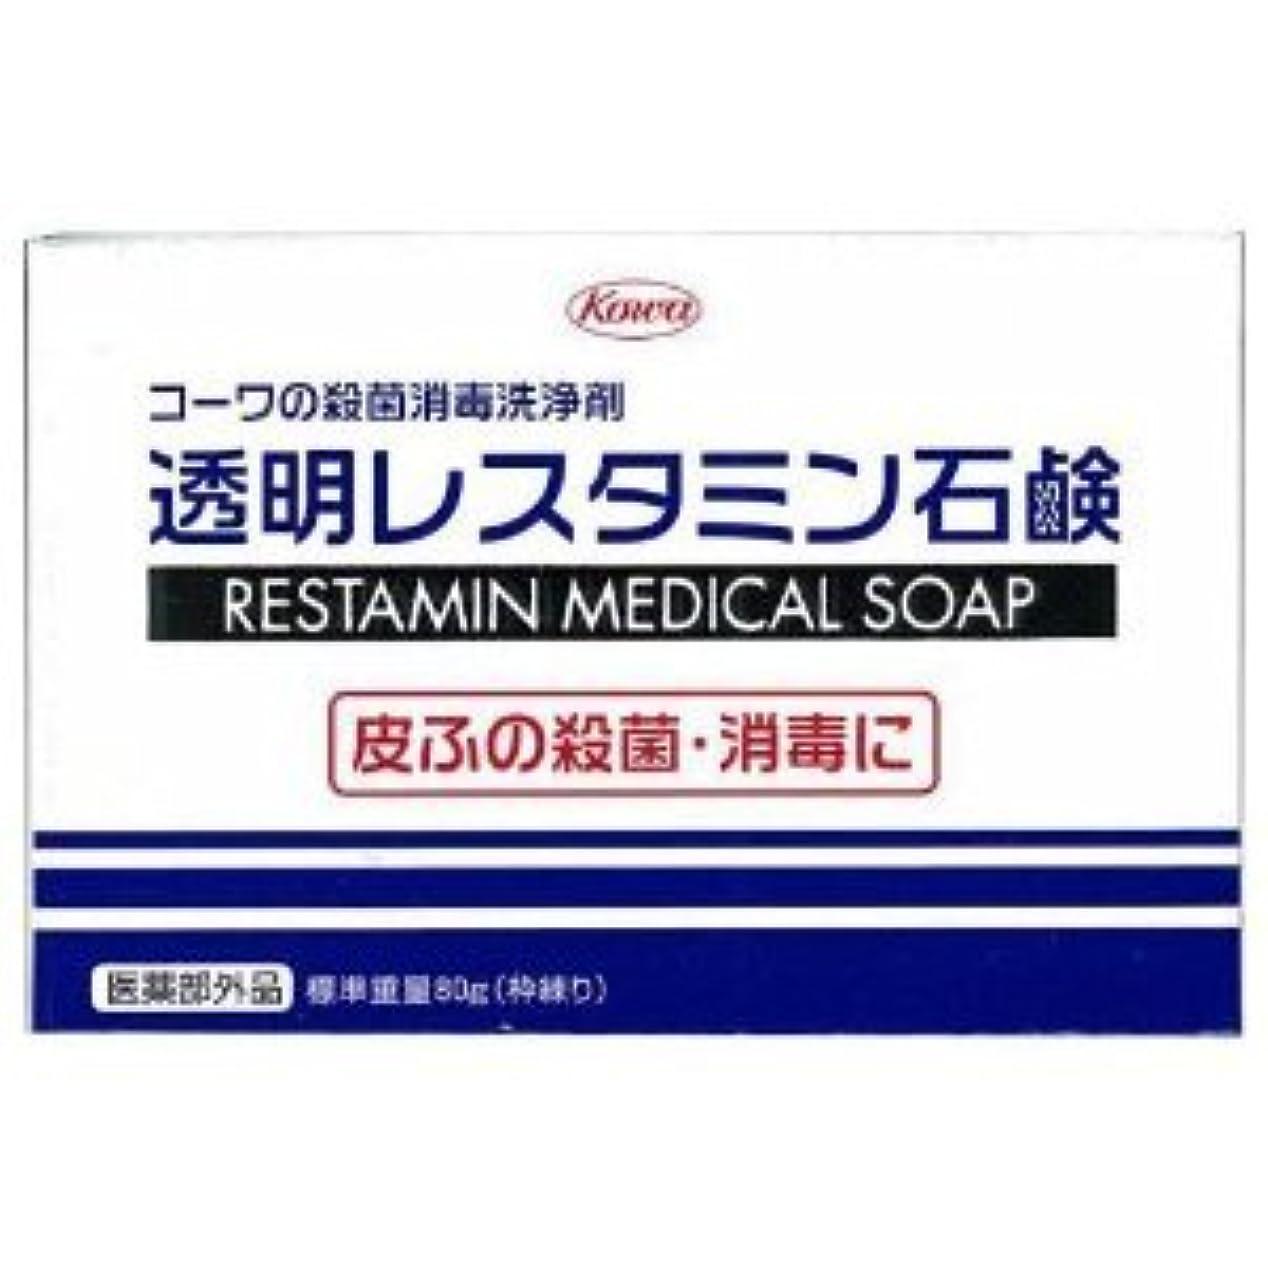 軌道分割影響力のある【興和】コーワの殺菌消毒洗浄剤「透明レスタミン石鹸」80g(医薬部外品) ×10個セット